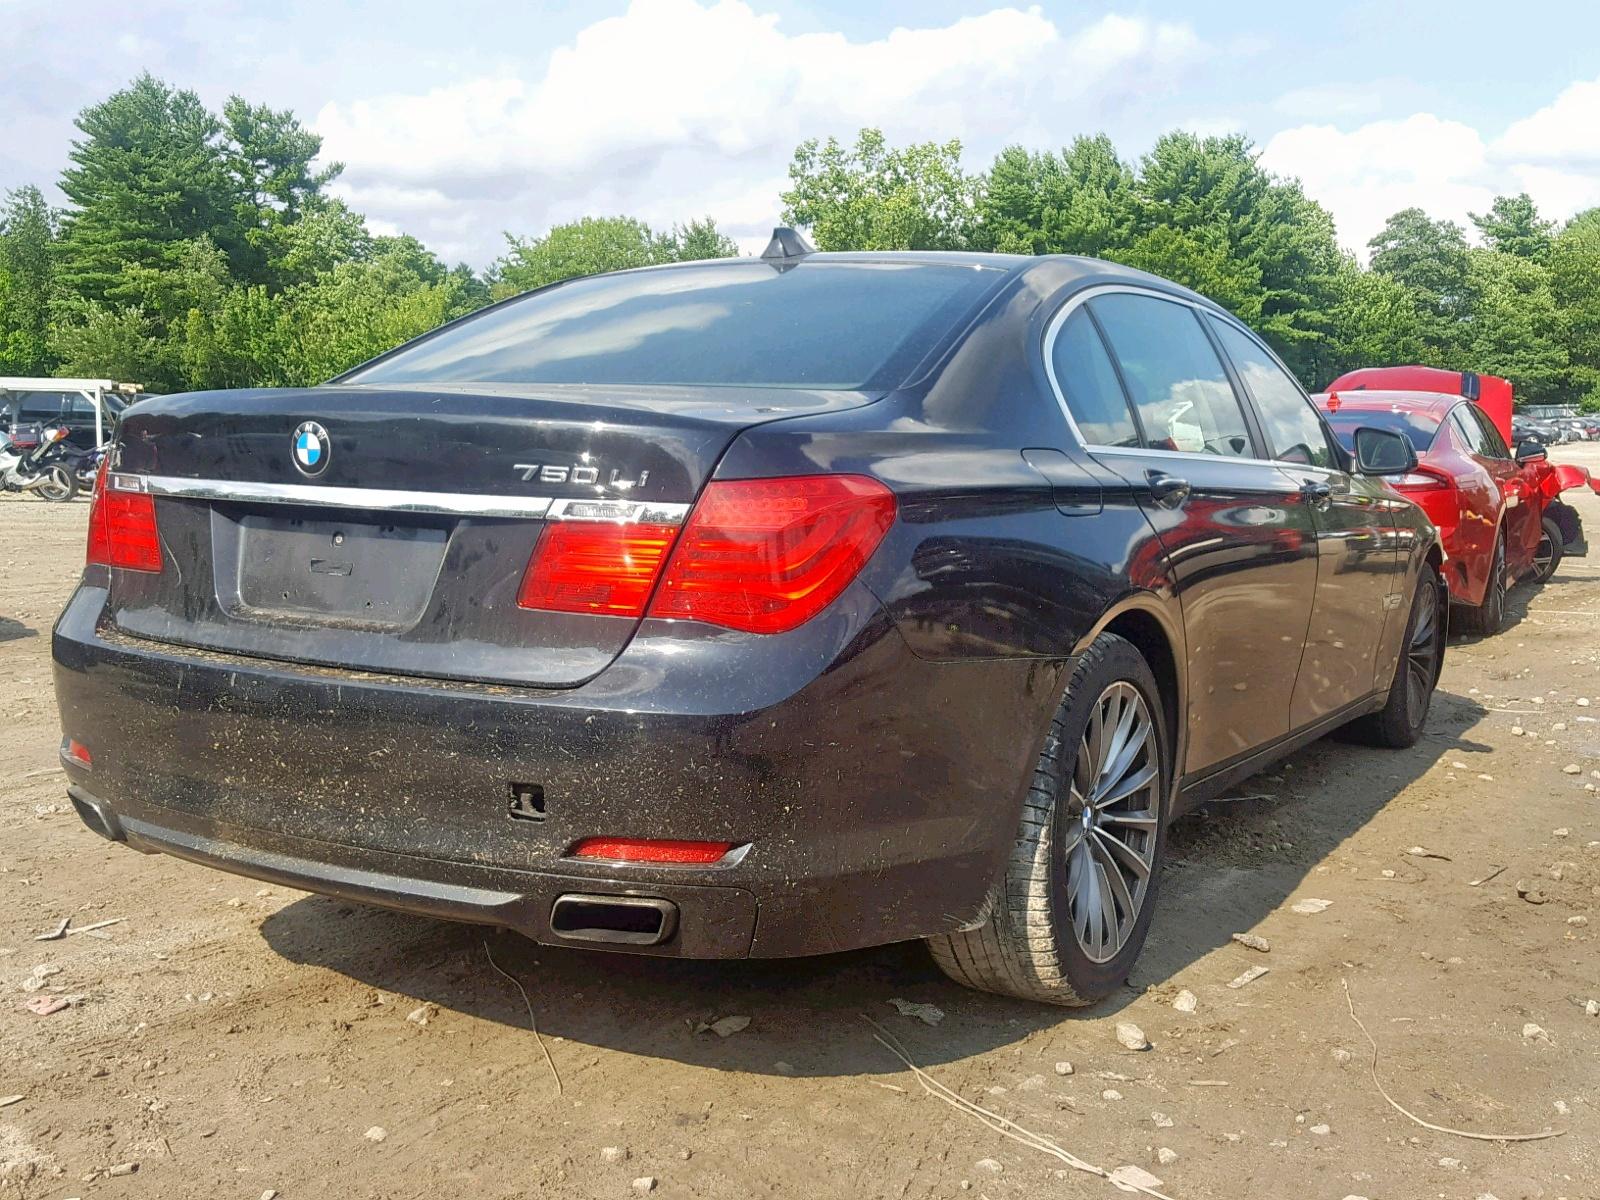 WBAKB8C58BCY66407 - 2011 Bmw 750 4.4L rear view